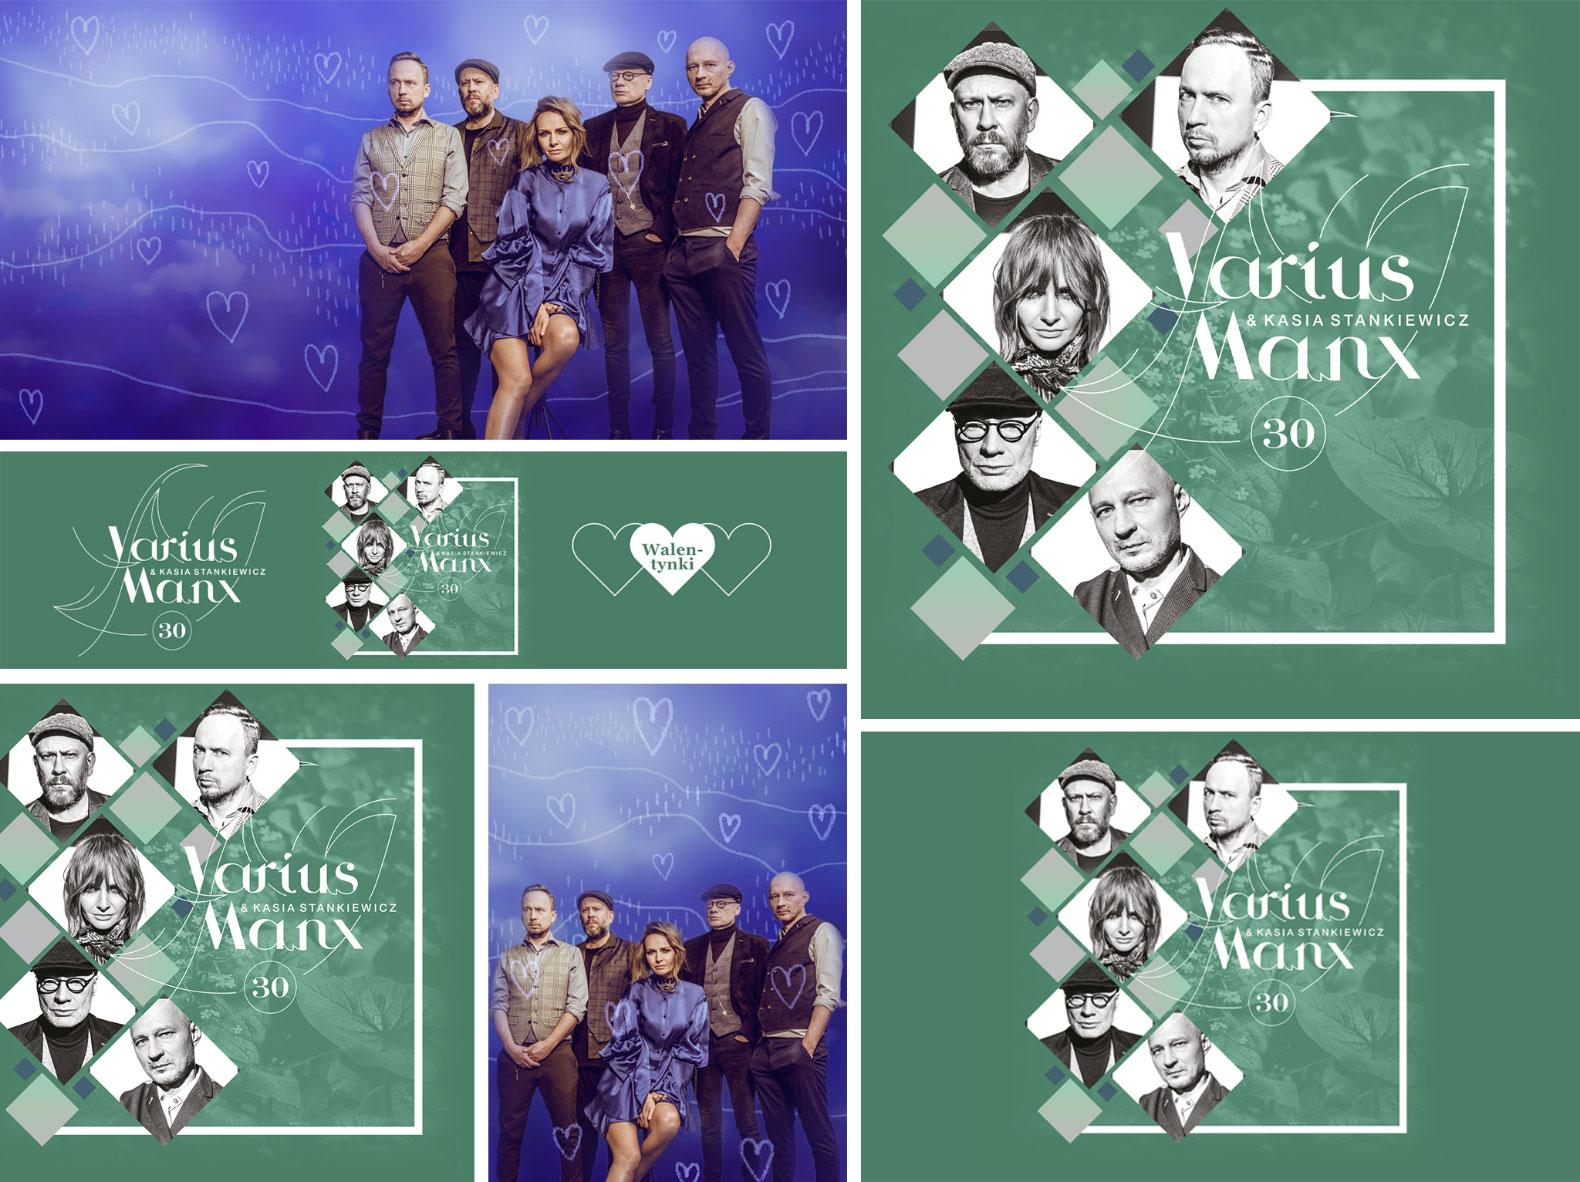 Reklama na Facebooku banerki Varius Manx